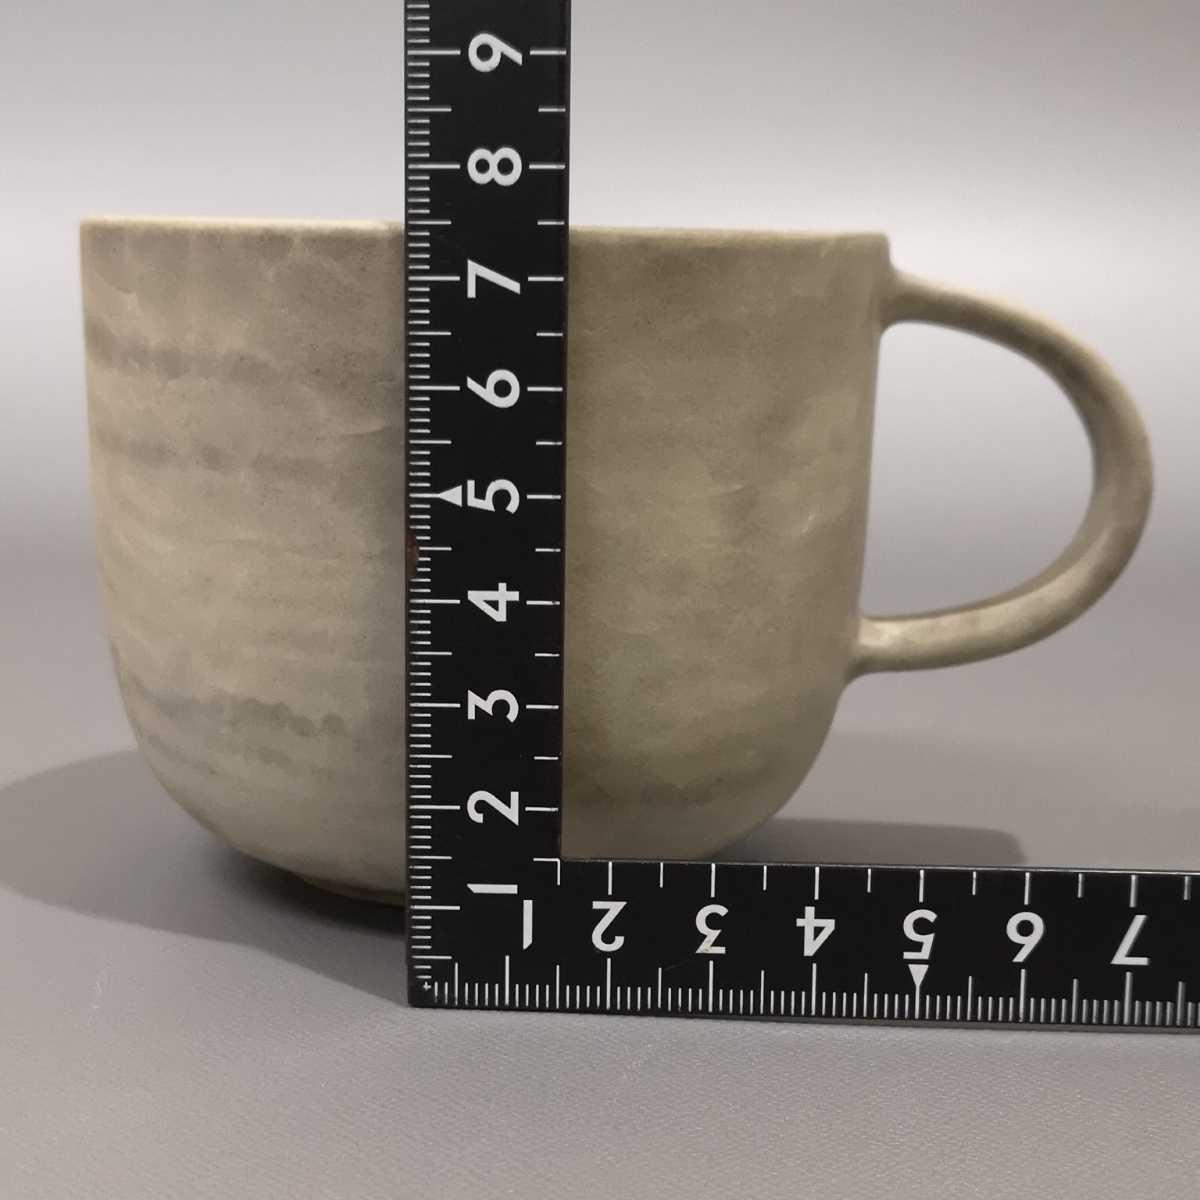 叶46)萩焼 コーヒーカップ マグカップ 珈琲器 未使用新品 同梱歓迎_画像6